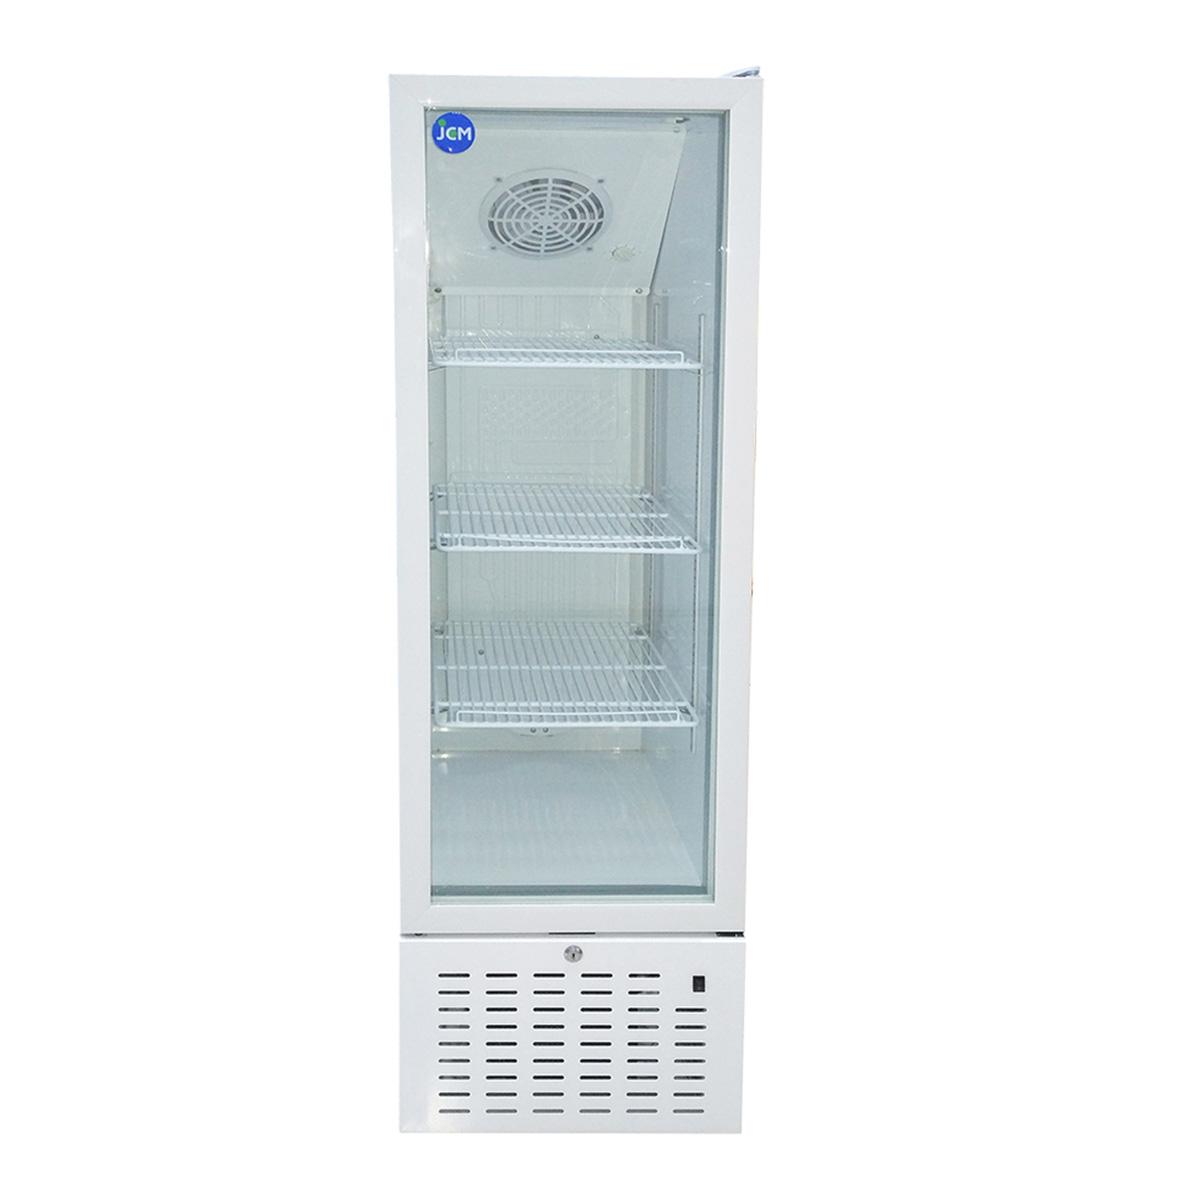 JCM タテ型冷蔵ショーケース JCMS-170 170L 業務用 タテ型 冷蔵 保冷庫 ショーケース LED 【代引不可】